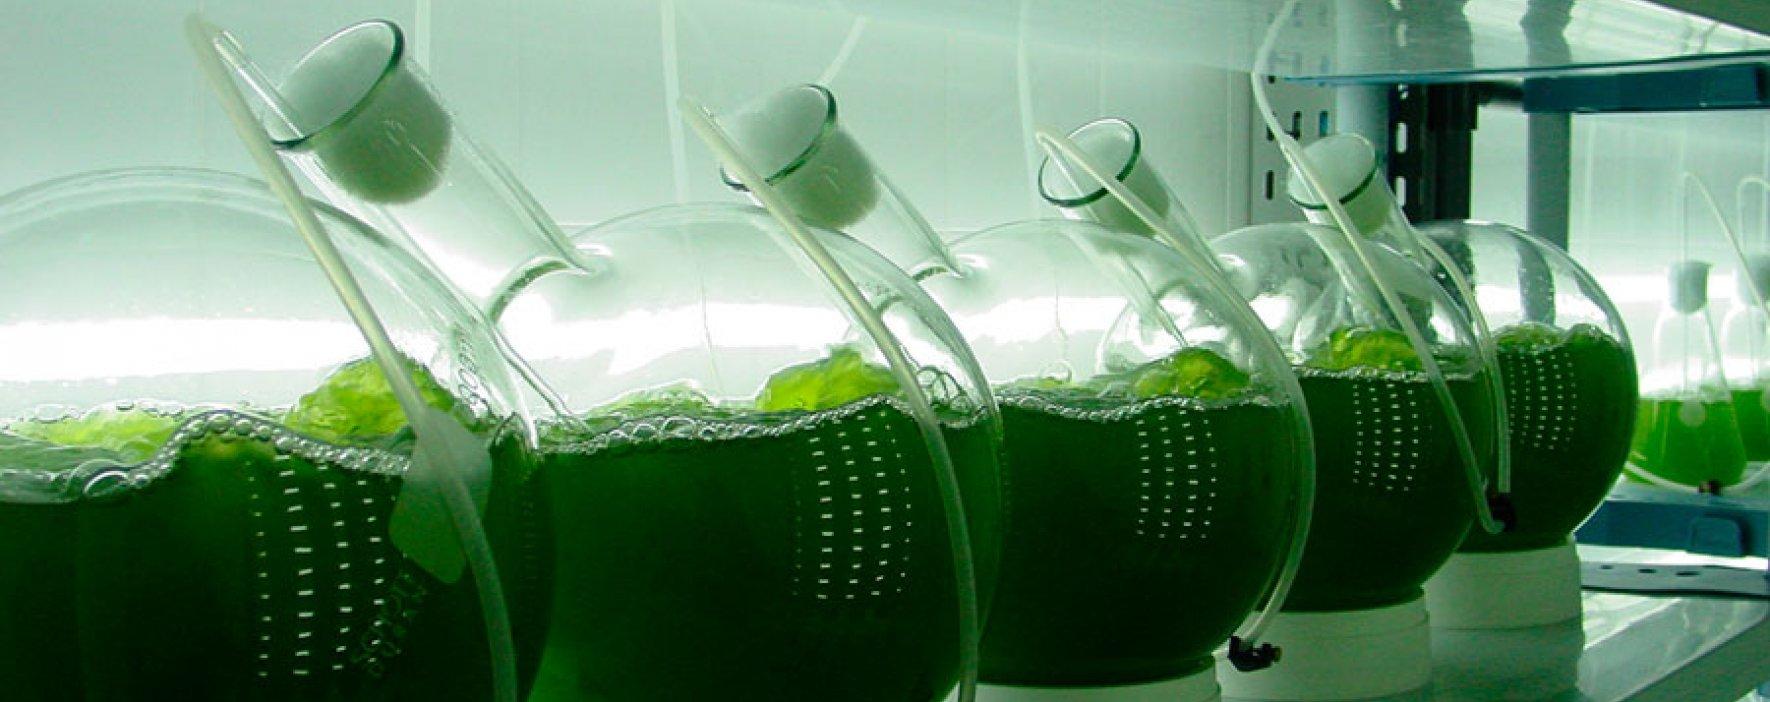 Alternativa ecológica que limpiará fuentes hídricas con microalgas